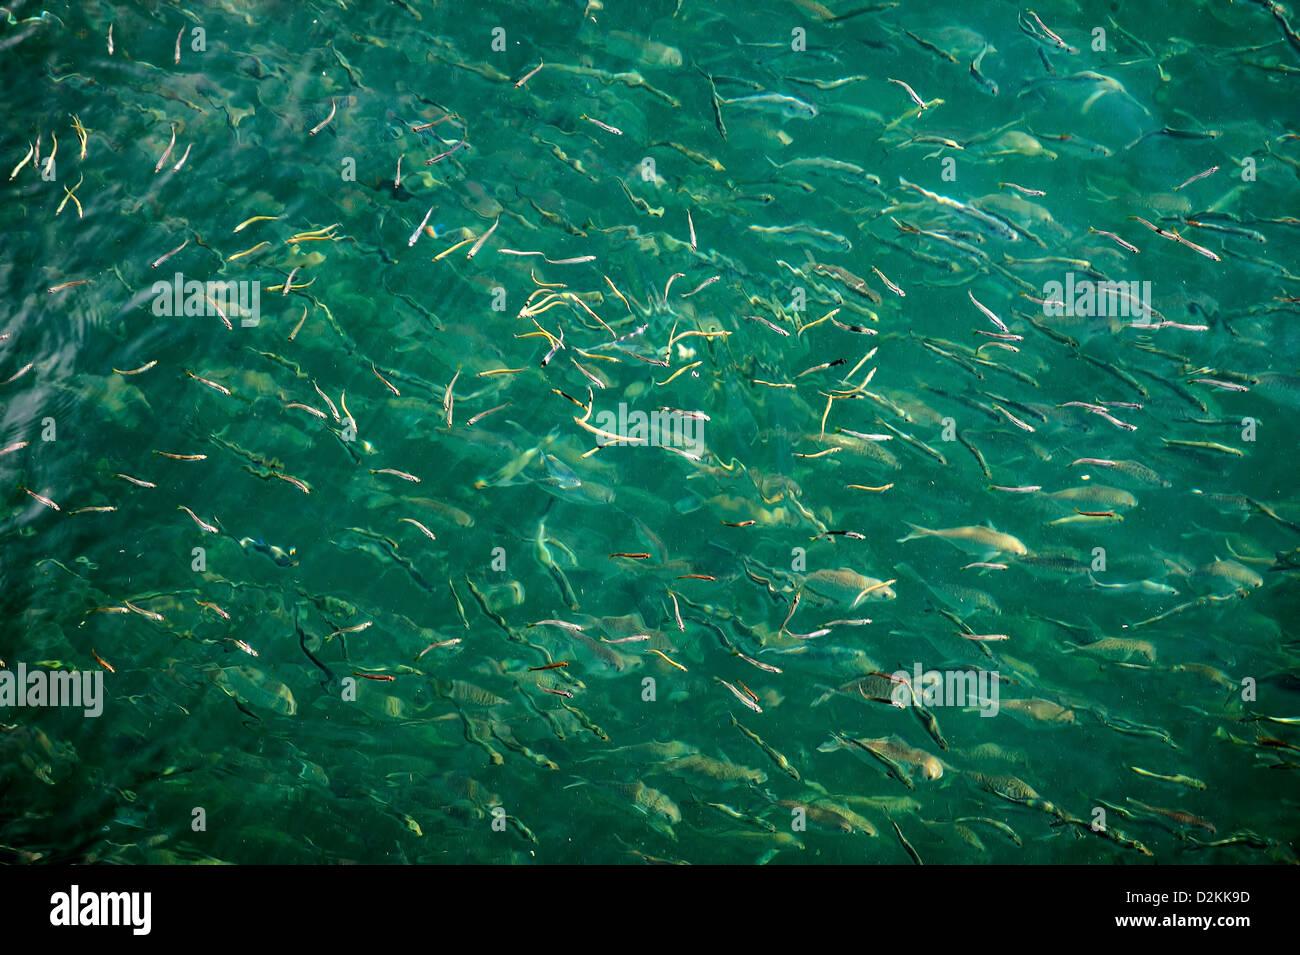 La scolarizzazione acqua salata pesce, STATI UNITI D'AMERICA Immagini Stock